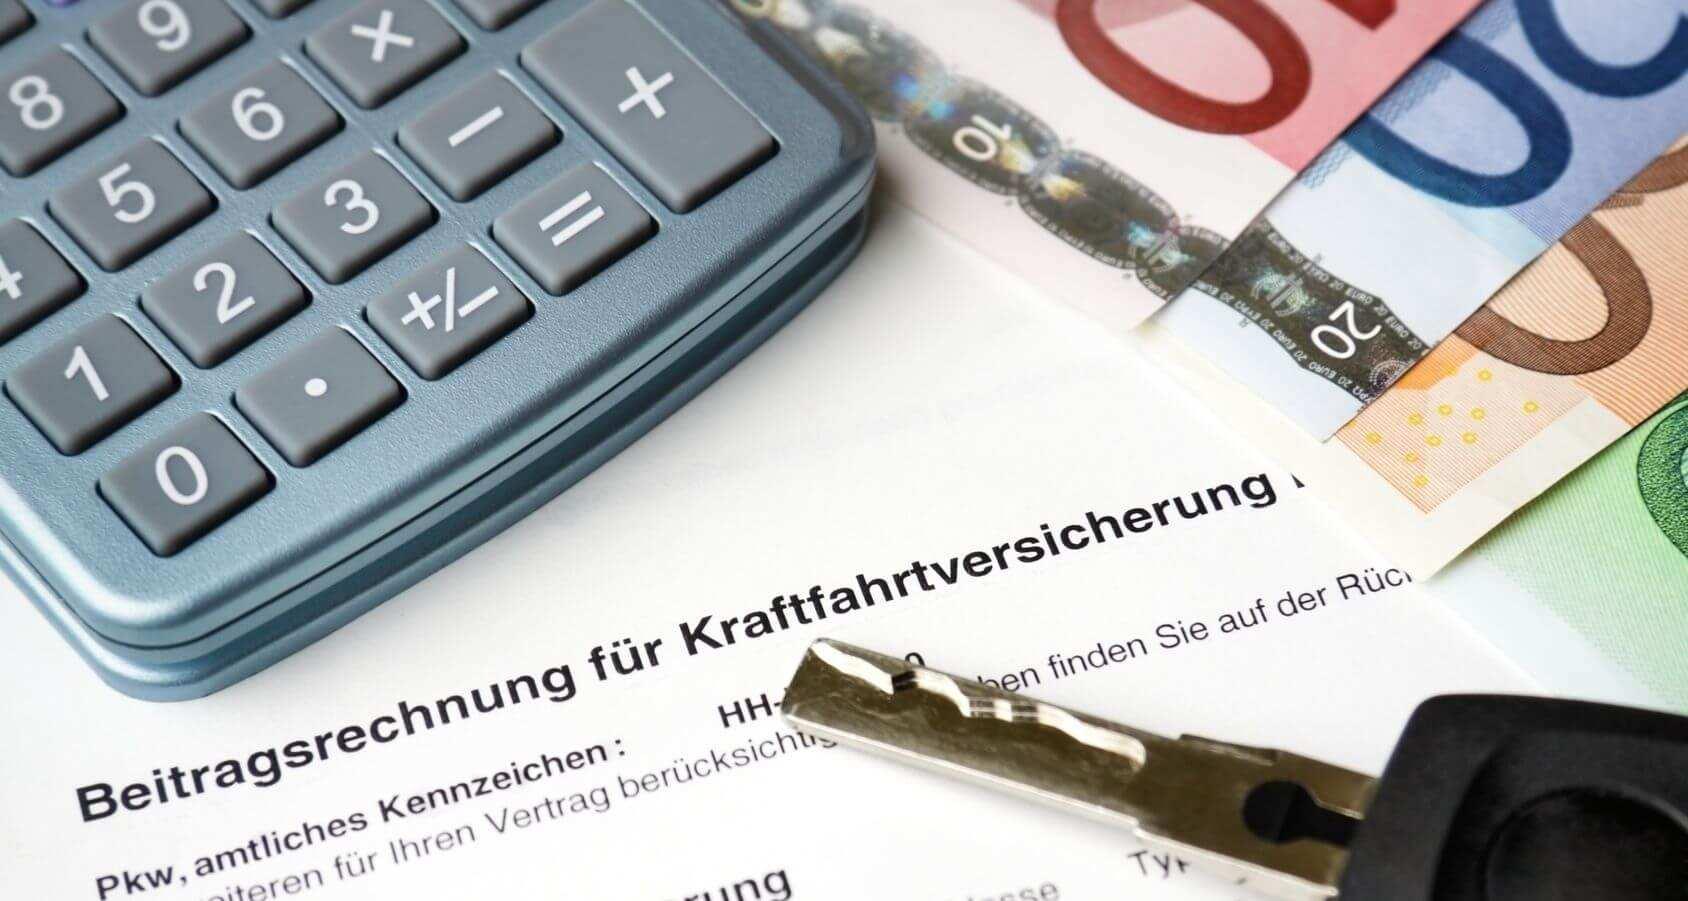 Lvm Kfz Versicherung Direkt Online Widerrufen